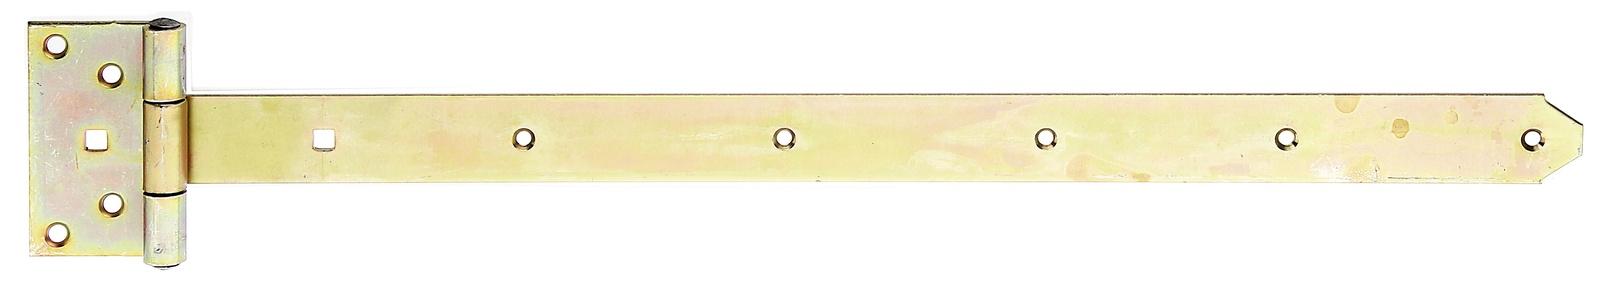 Петля для ворот, Gah Alberts, Т-образная оцинкованная 600x40 мм петля дверная gah alberts 310714